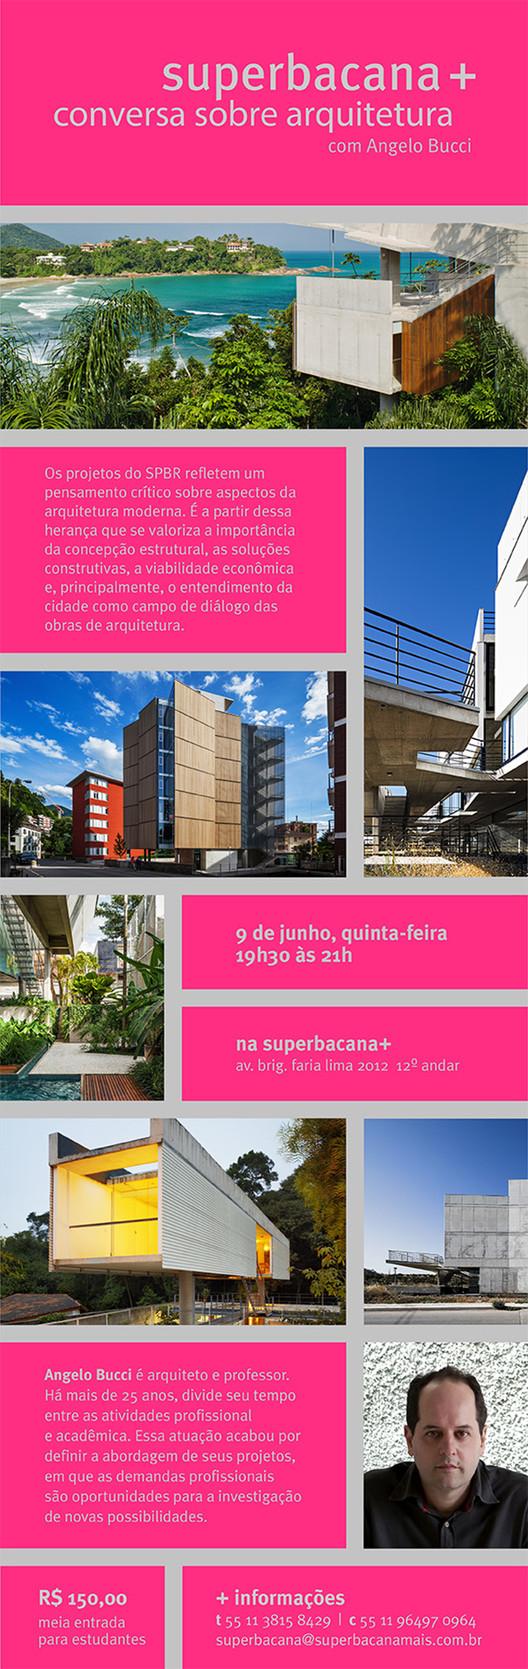 Conversa sobre arquitetura com Angelo Bucci